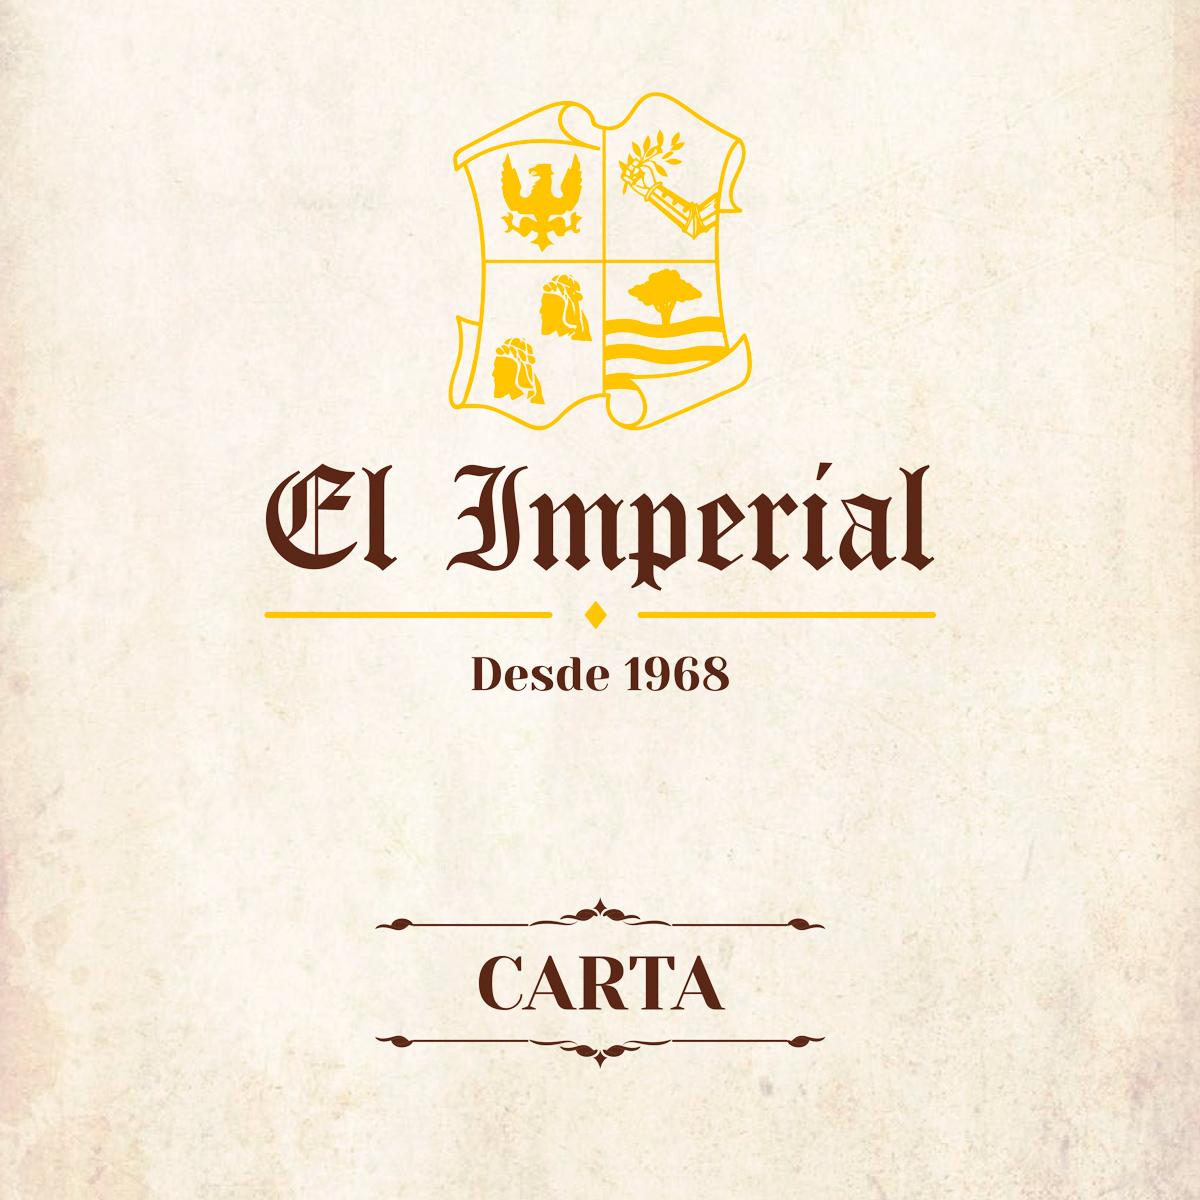 La carta de El Imperial